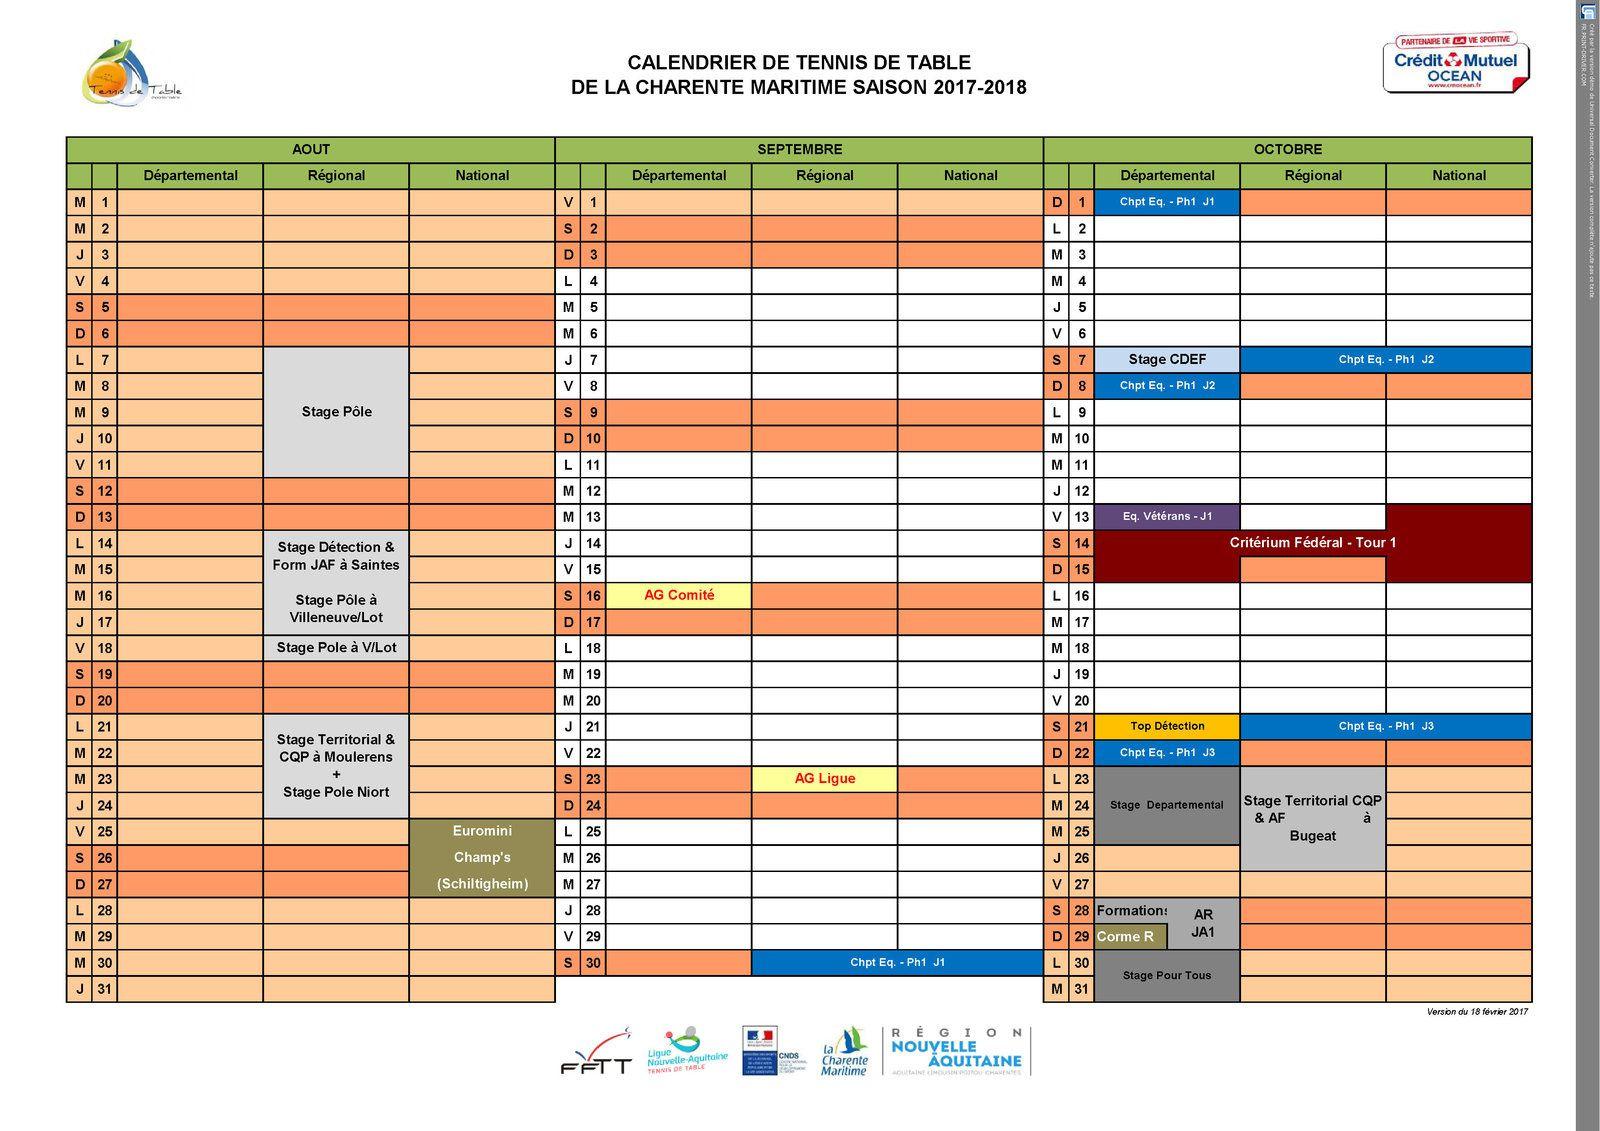 Calendrier détaillé avec les lieux des compétitions 2016-2017 (hors championnat par équipes)